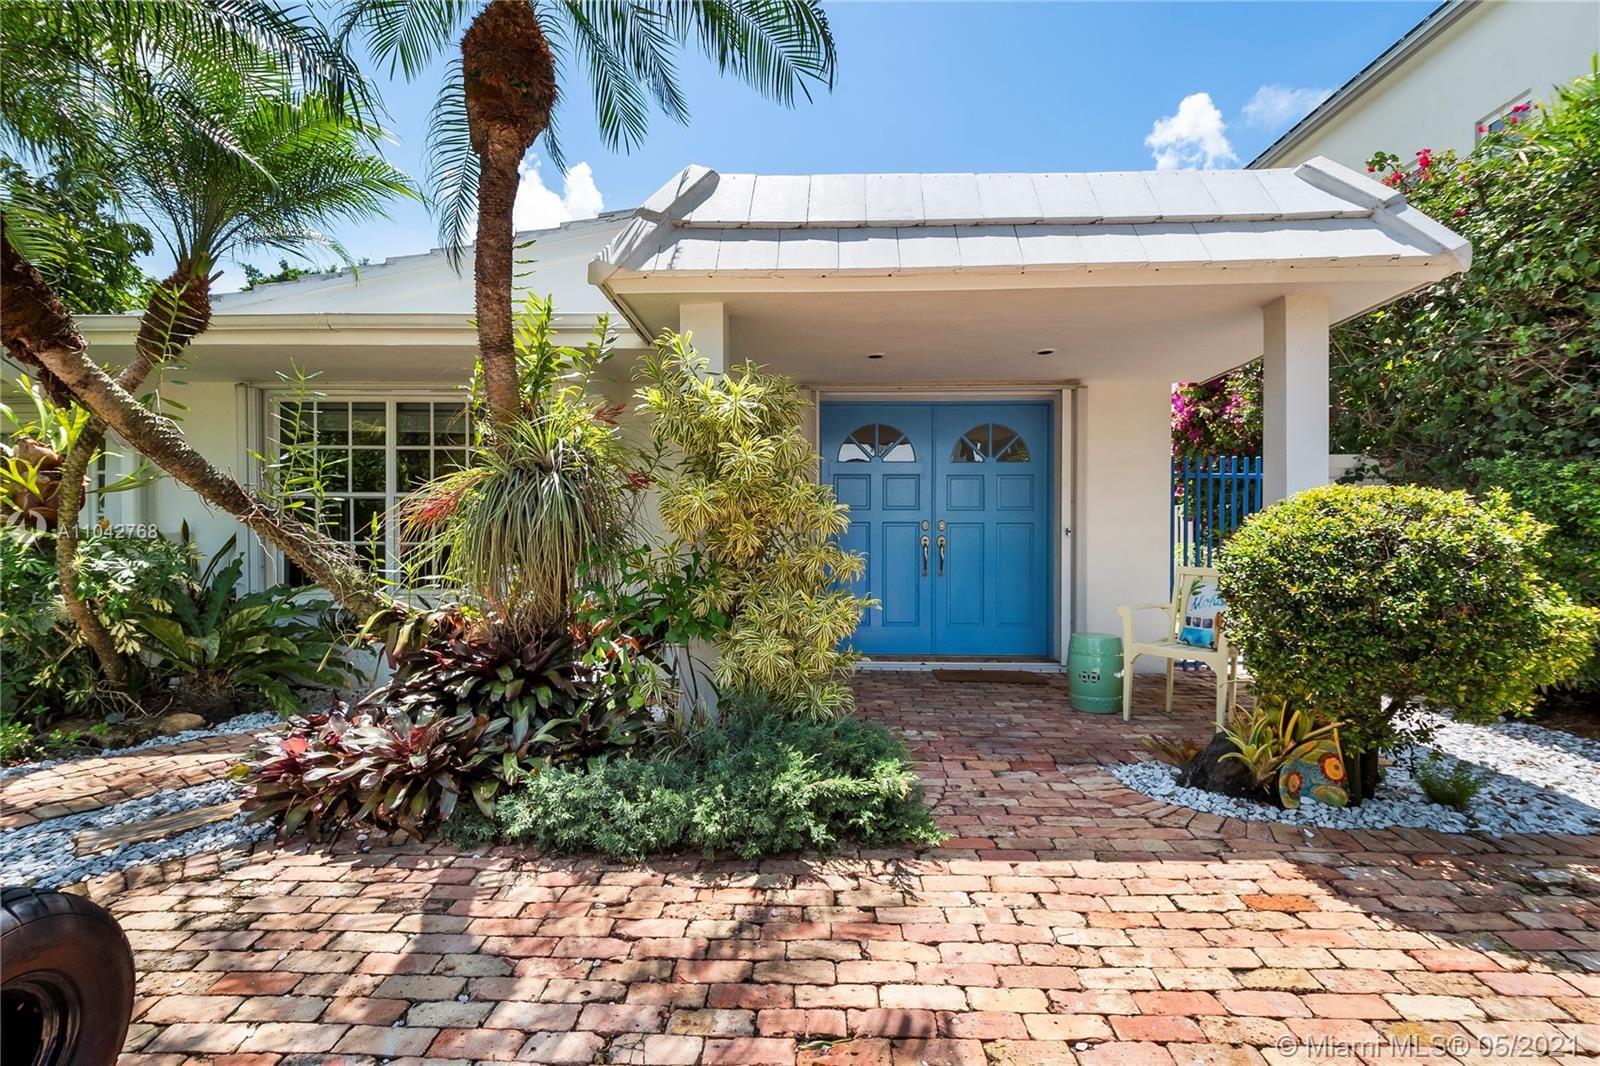 380 Ridgewood Rd, Key Biscayne, FL 33149 - #: A11042768